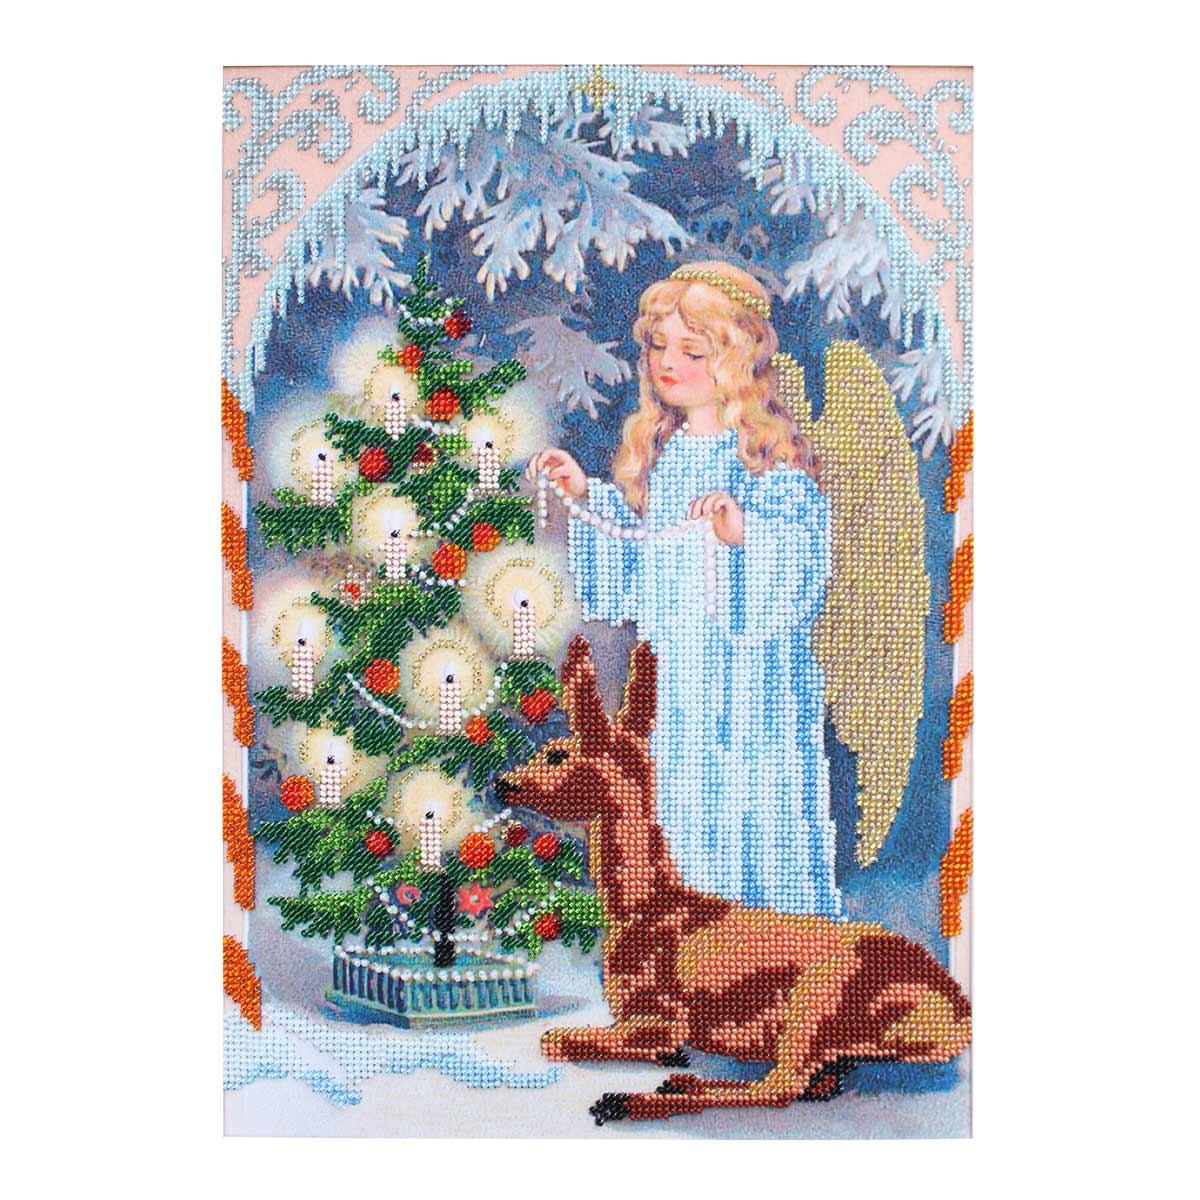 БН-3133 Набор для вышивания бисером Hobby&Pro 'Рождественский ангел', 25*35 см